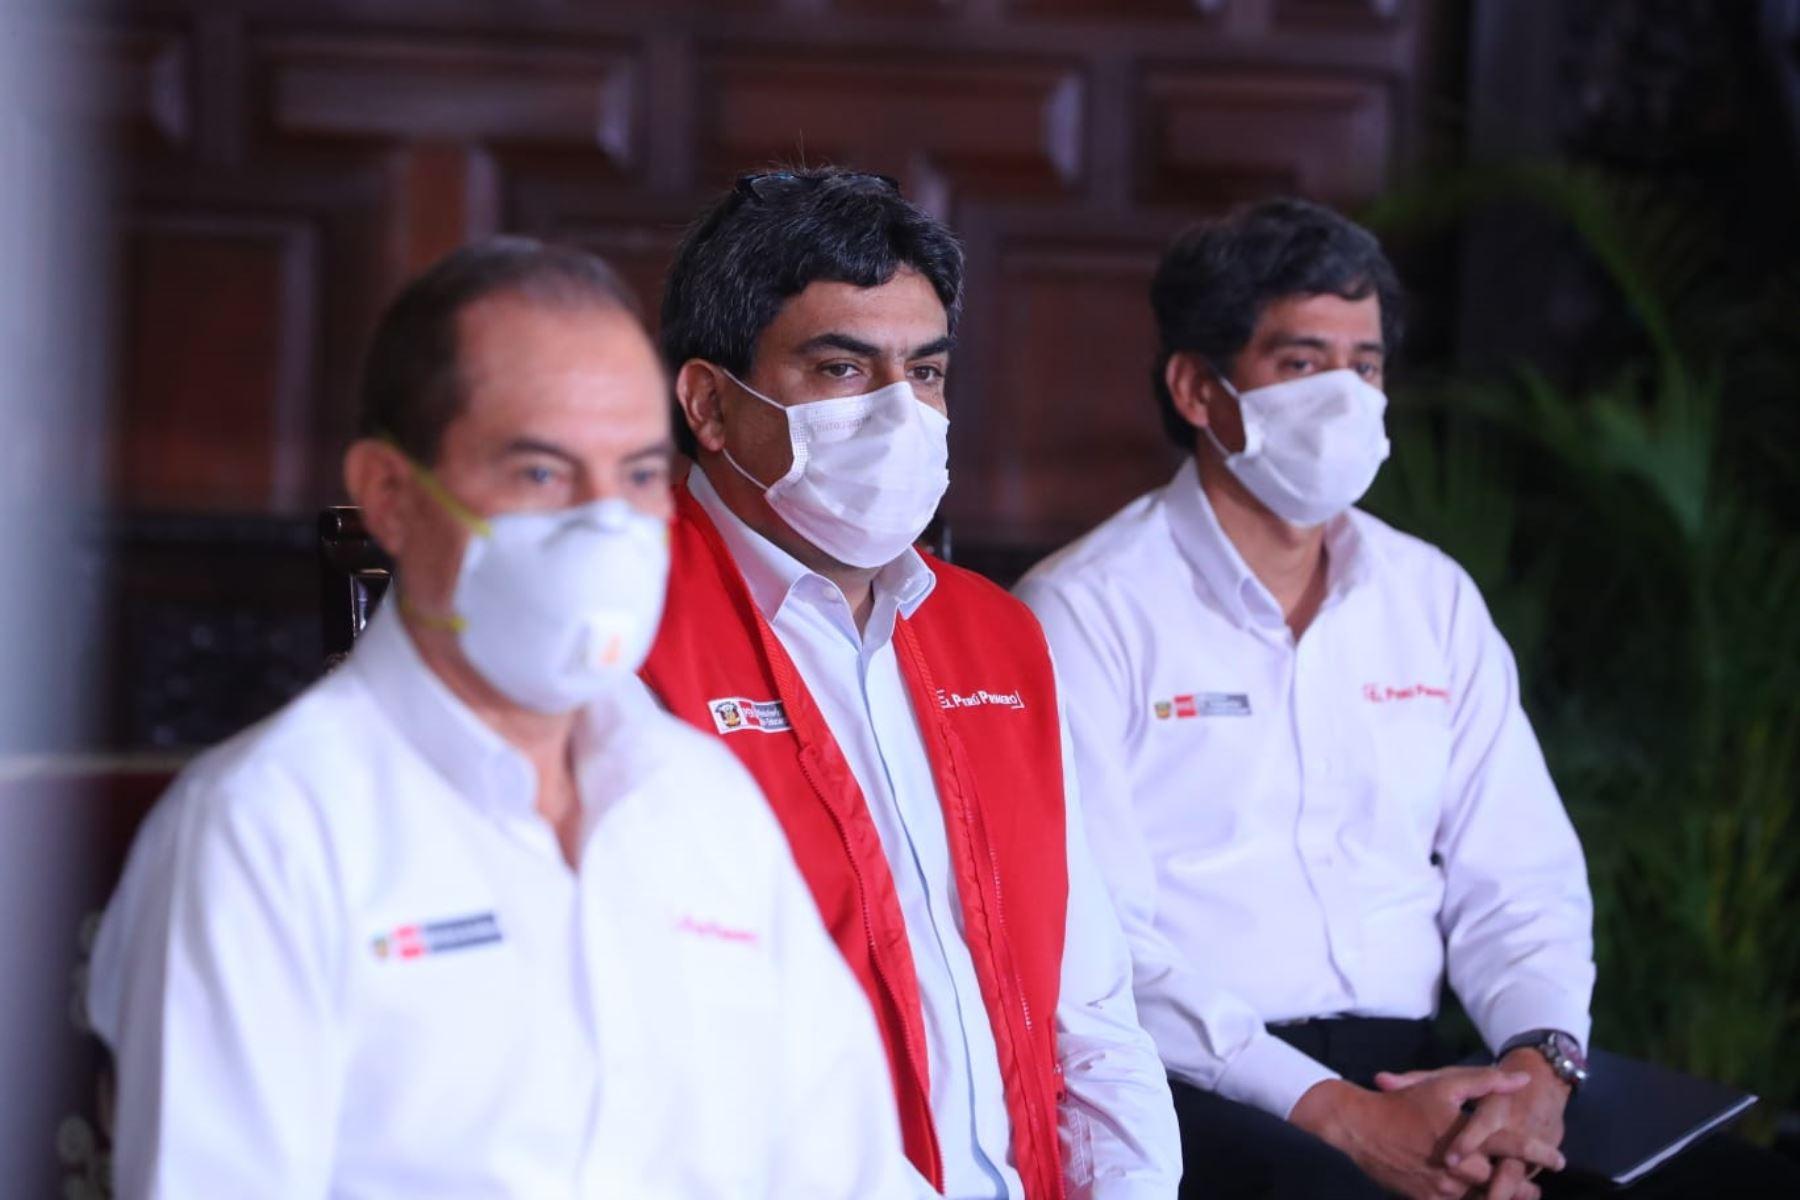 El presidente Martín Vizcarra y ministros de estado, informan sobre las medidas adoptadas por el Gobierno en el marco del estado de emergencia nacional por el coronavirus (covid-19). Foto: ANDINA/ Prensa Presidencia